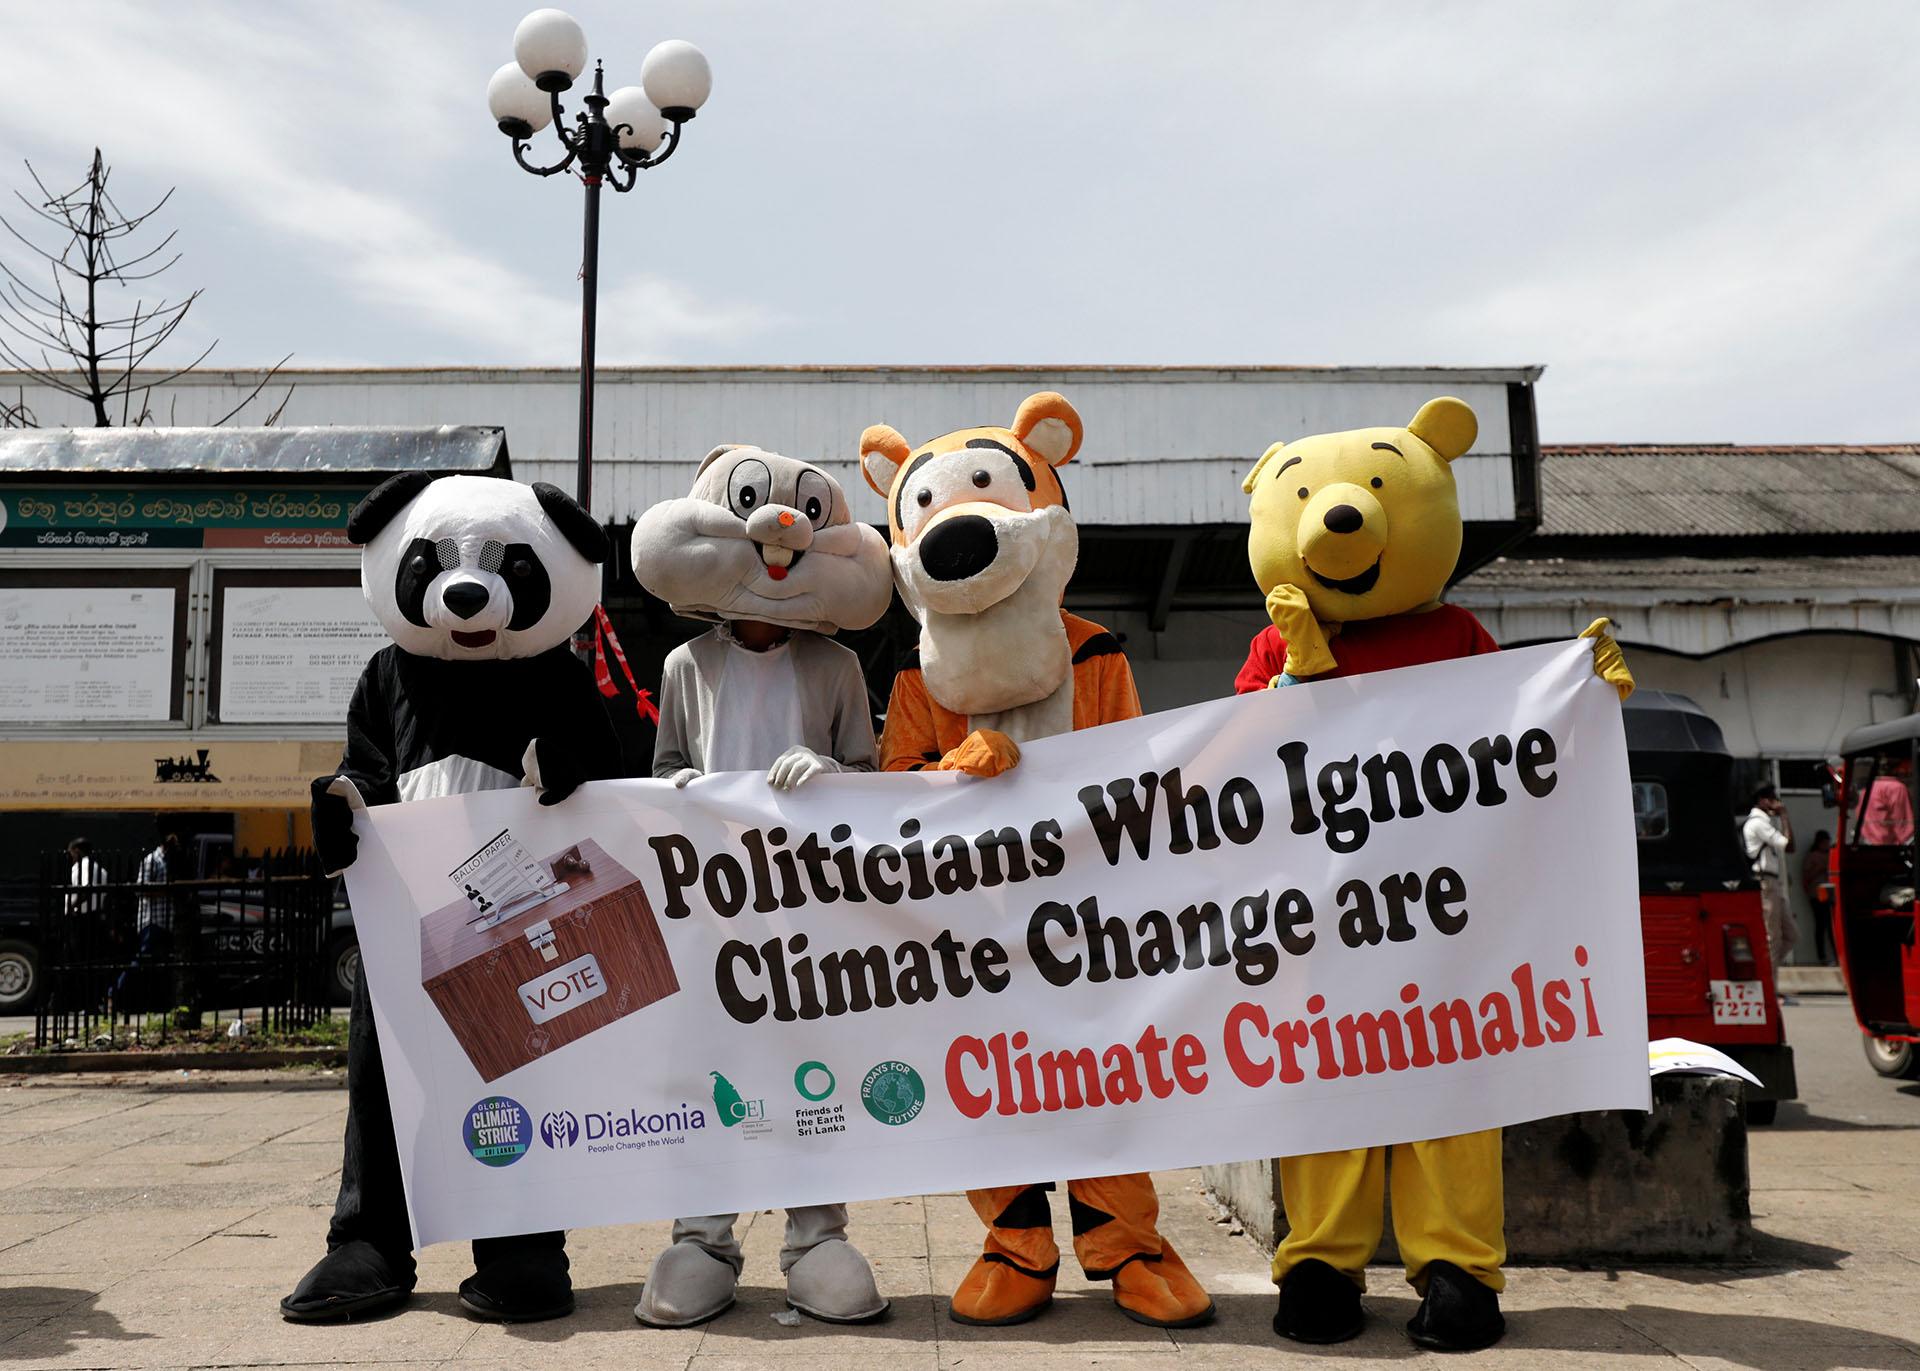 Personas disfrazadas de animales asistieron a la protesta en Colombo, Sri Lanka (REUTERS/Dinuka Liyanawatte)